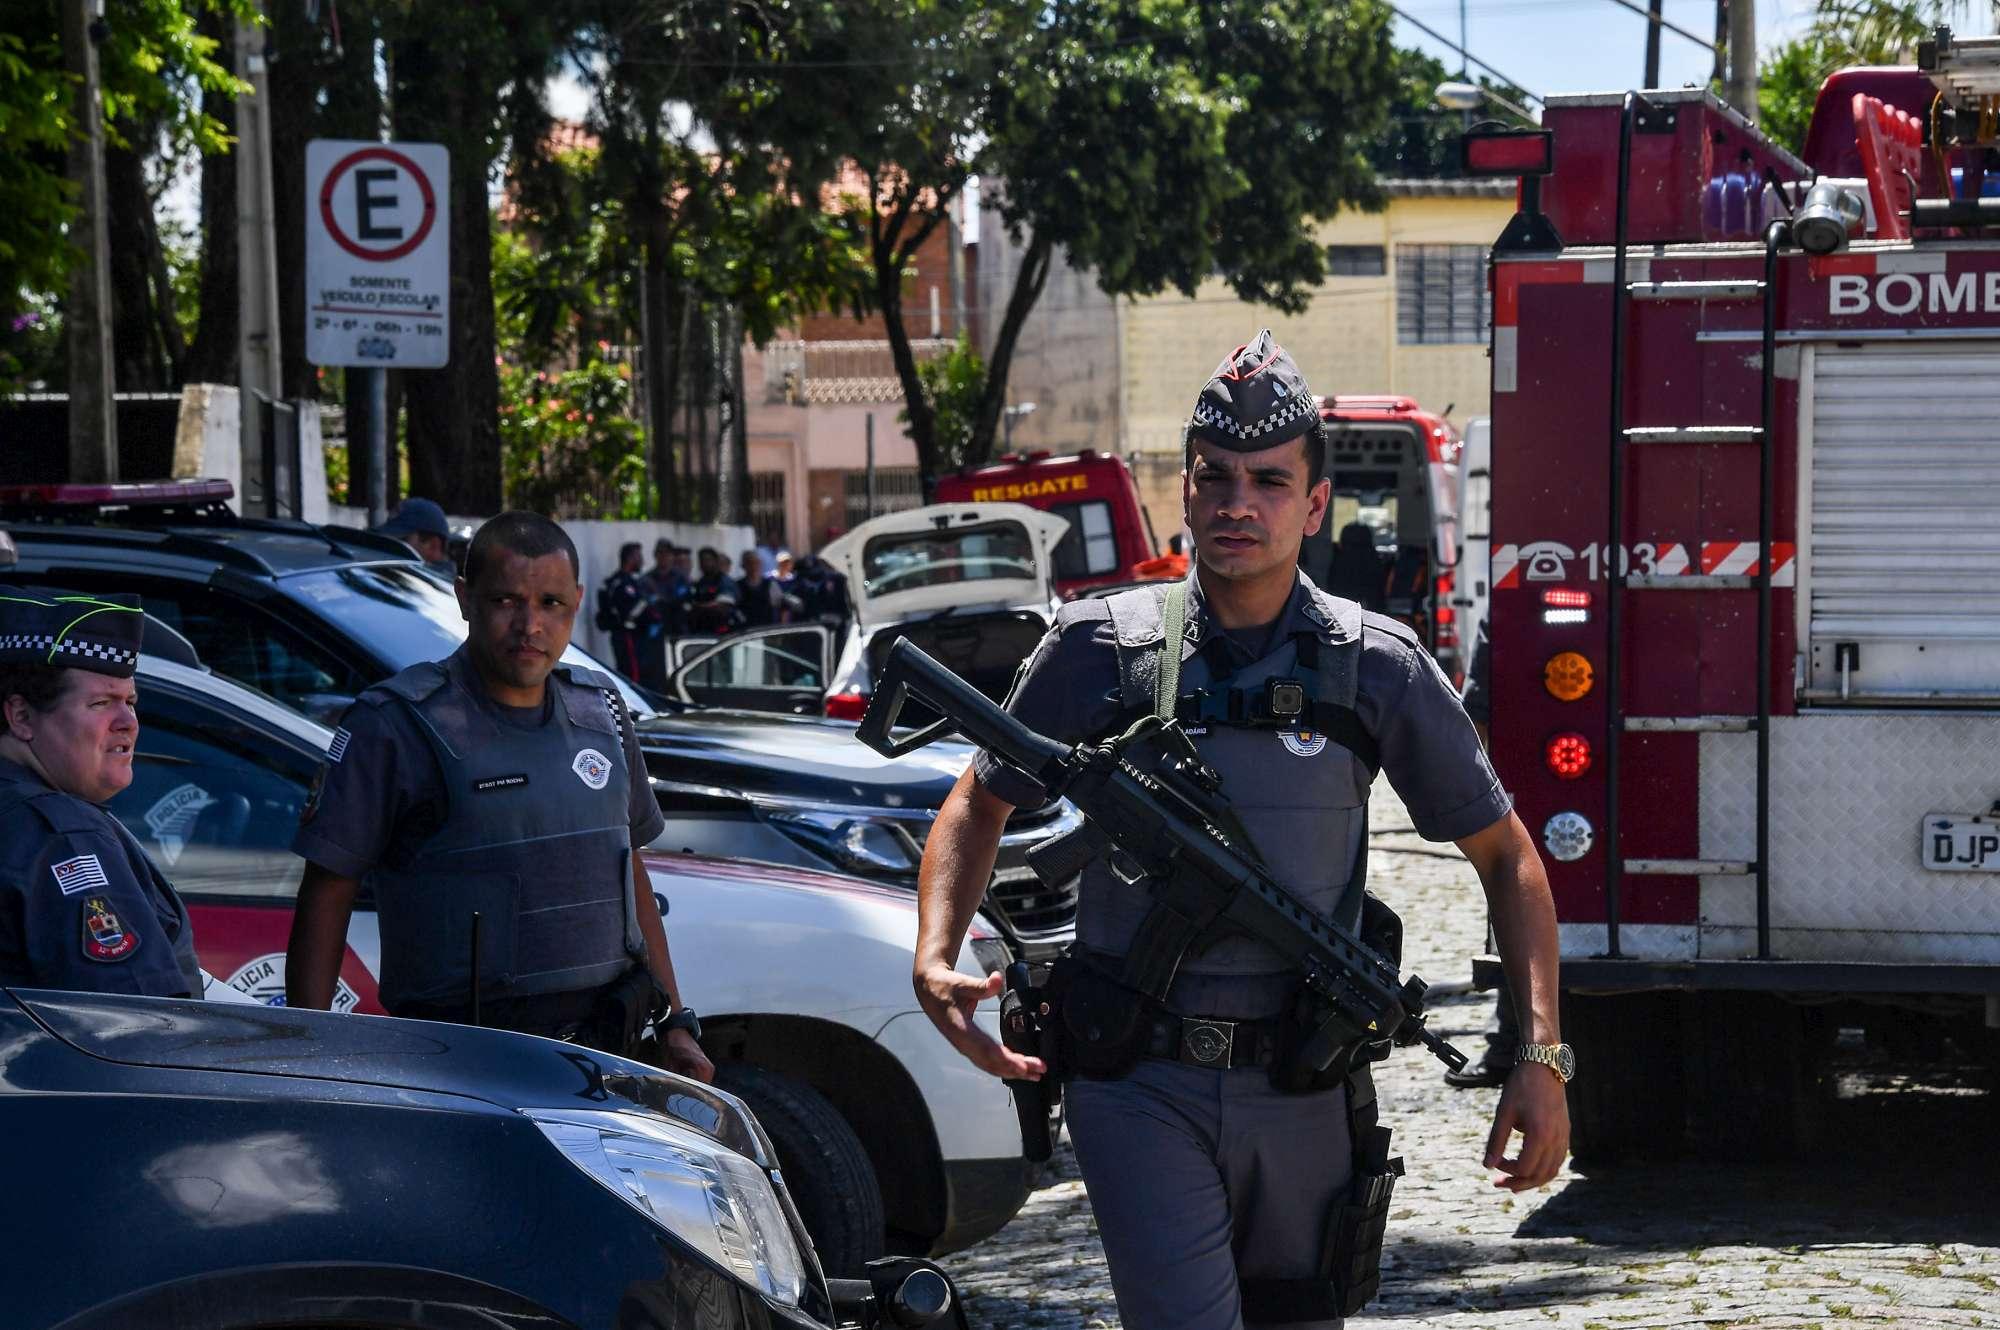 Brasile, sparatoria in una scuola di San Paolo: ci sono vittime